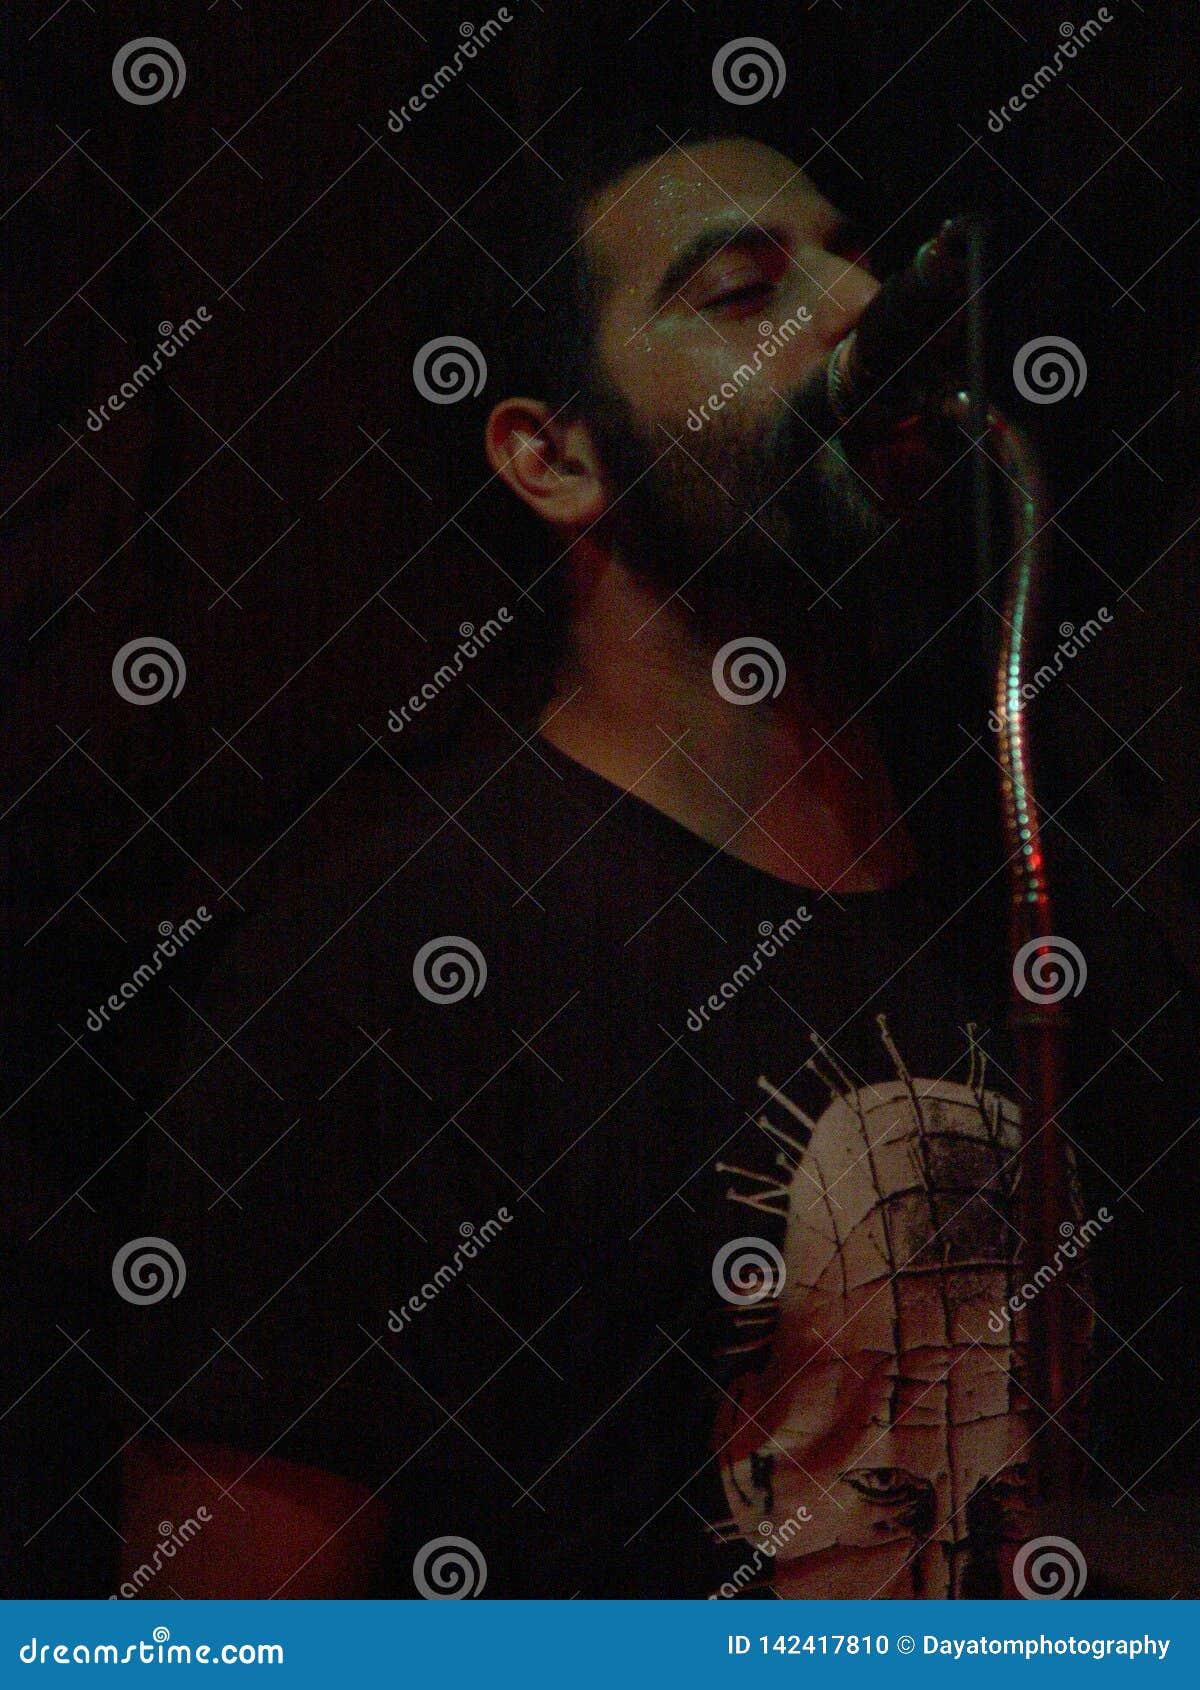 Het mannelijke rotsvocalist zingen dicht bij een microfoon op een show bij nacht in donkere omgeving